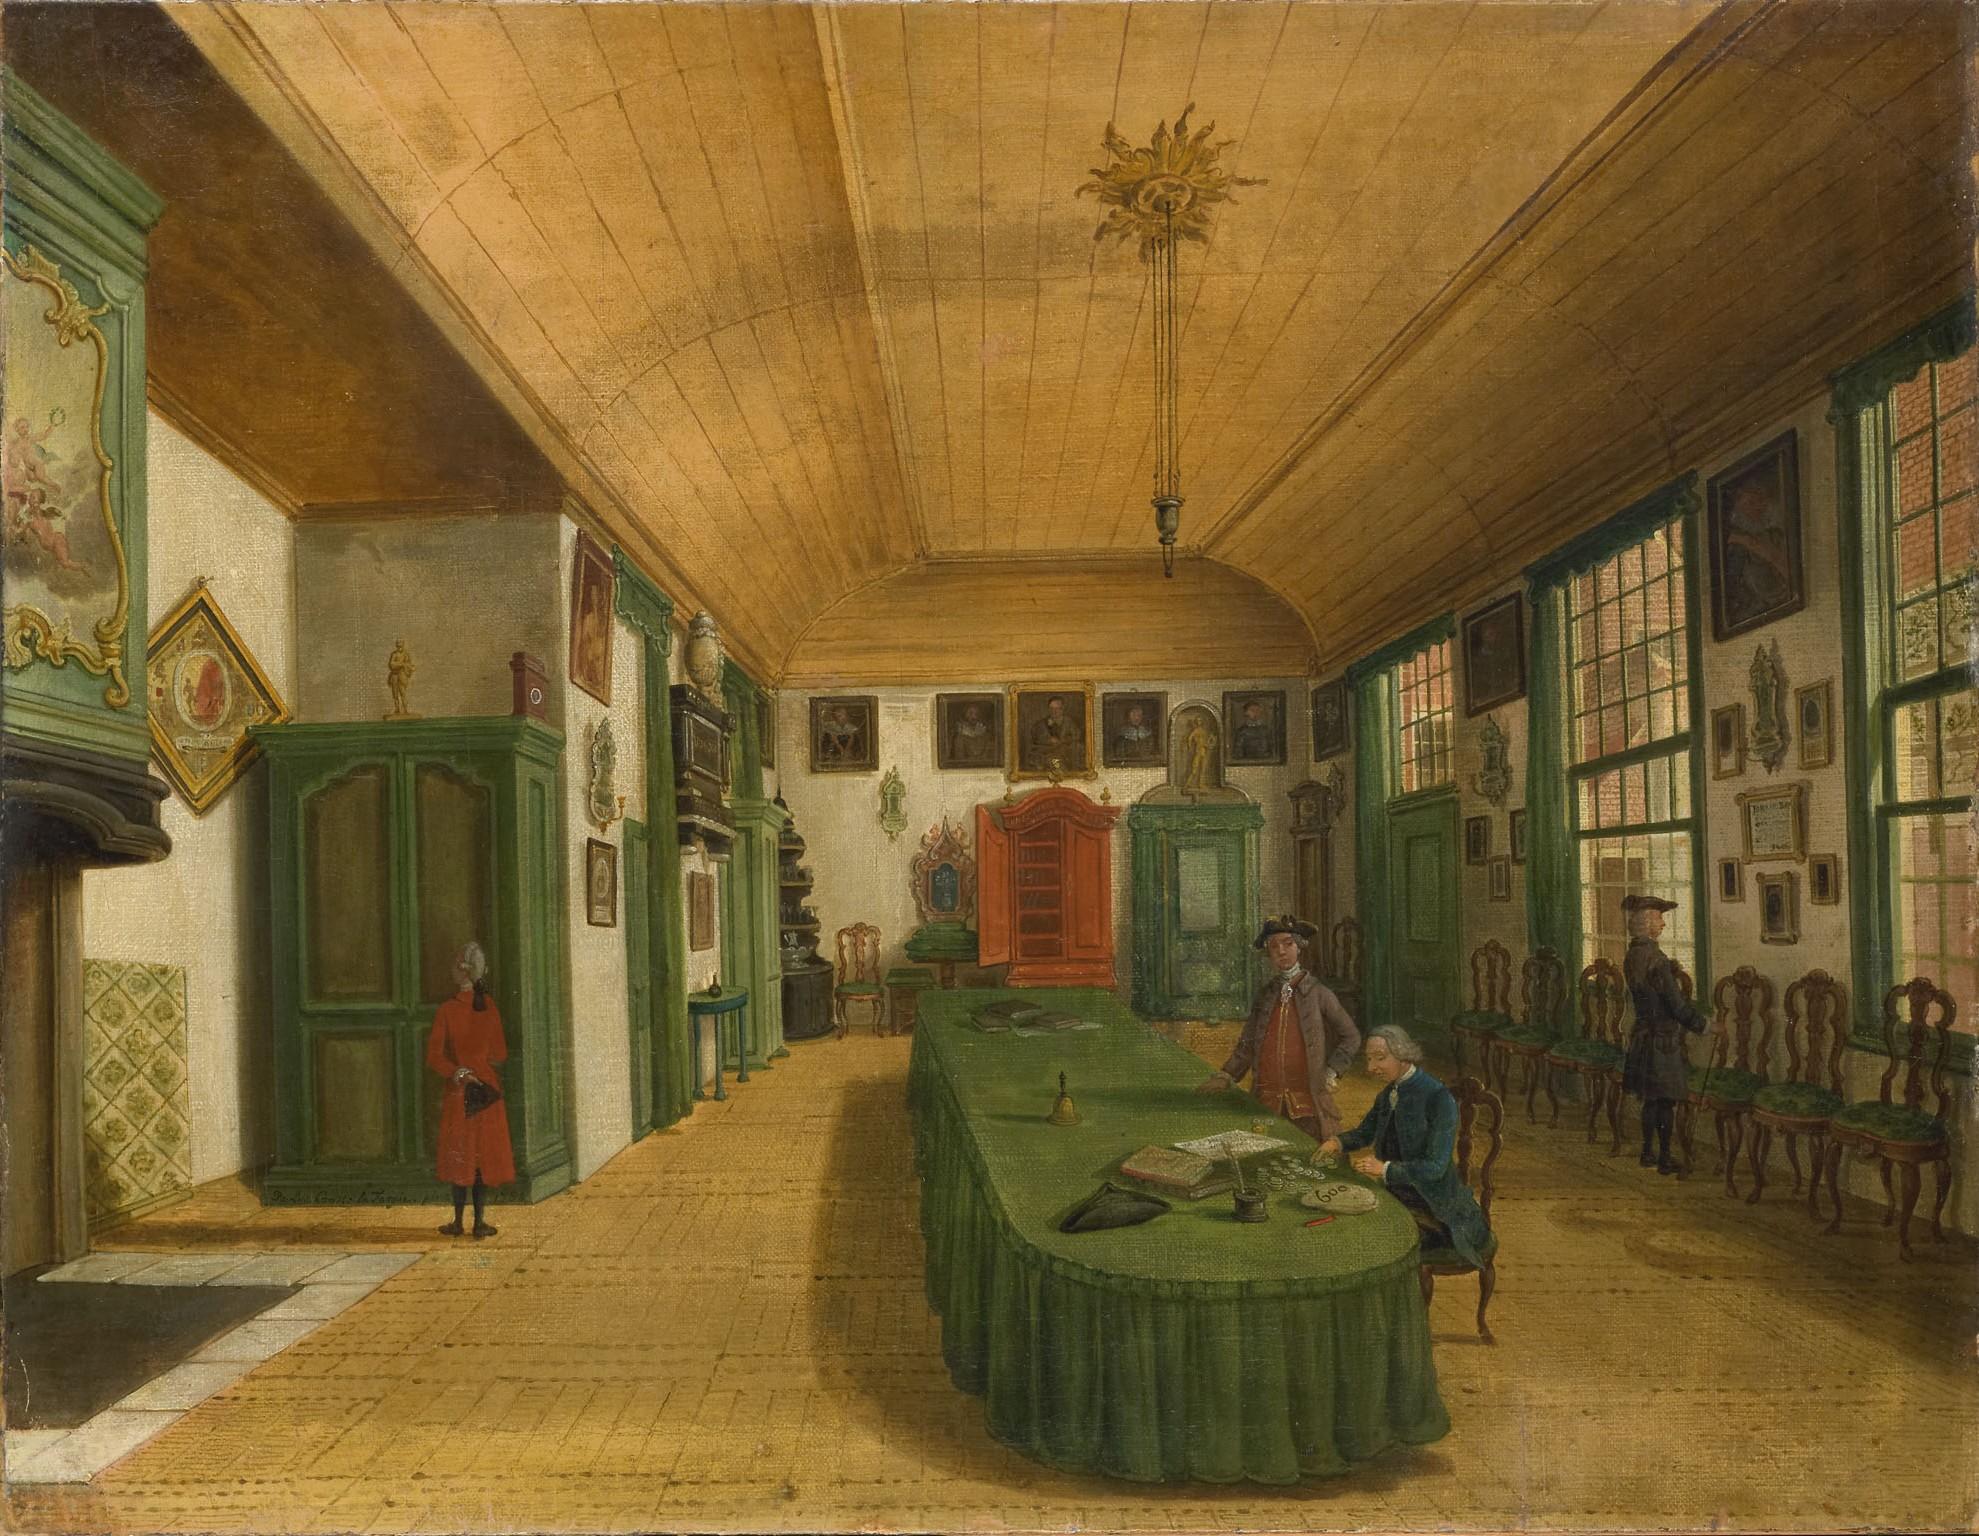 Interieur kunst  File:Fargue, Paulus Constantijn la - Interieur van de zaal van het ...